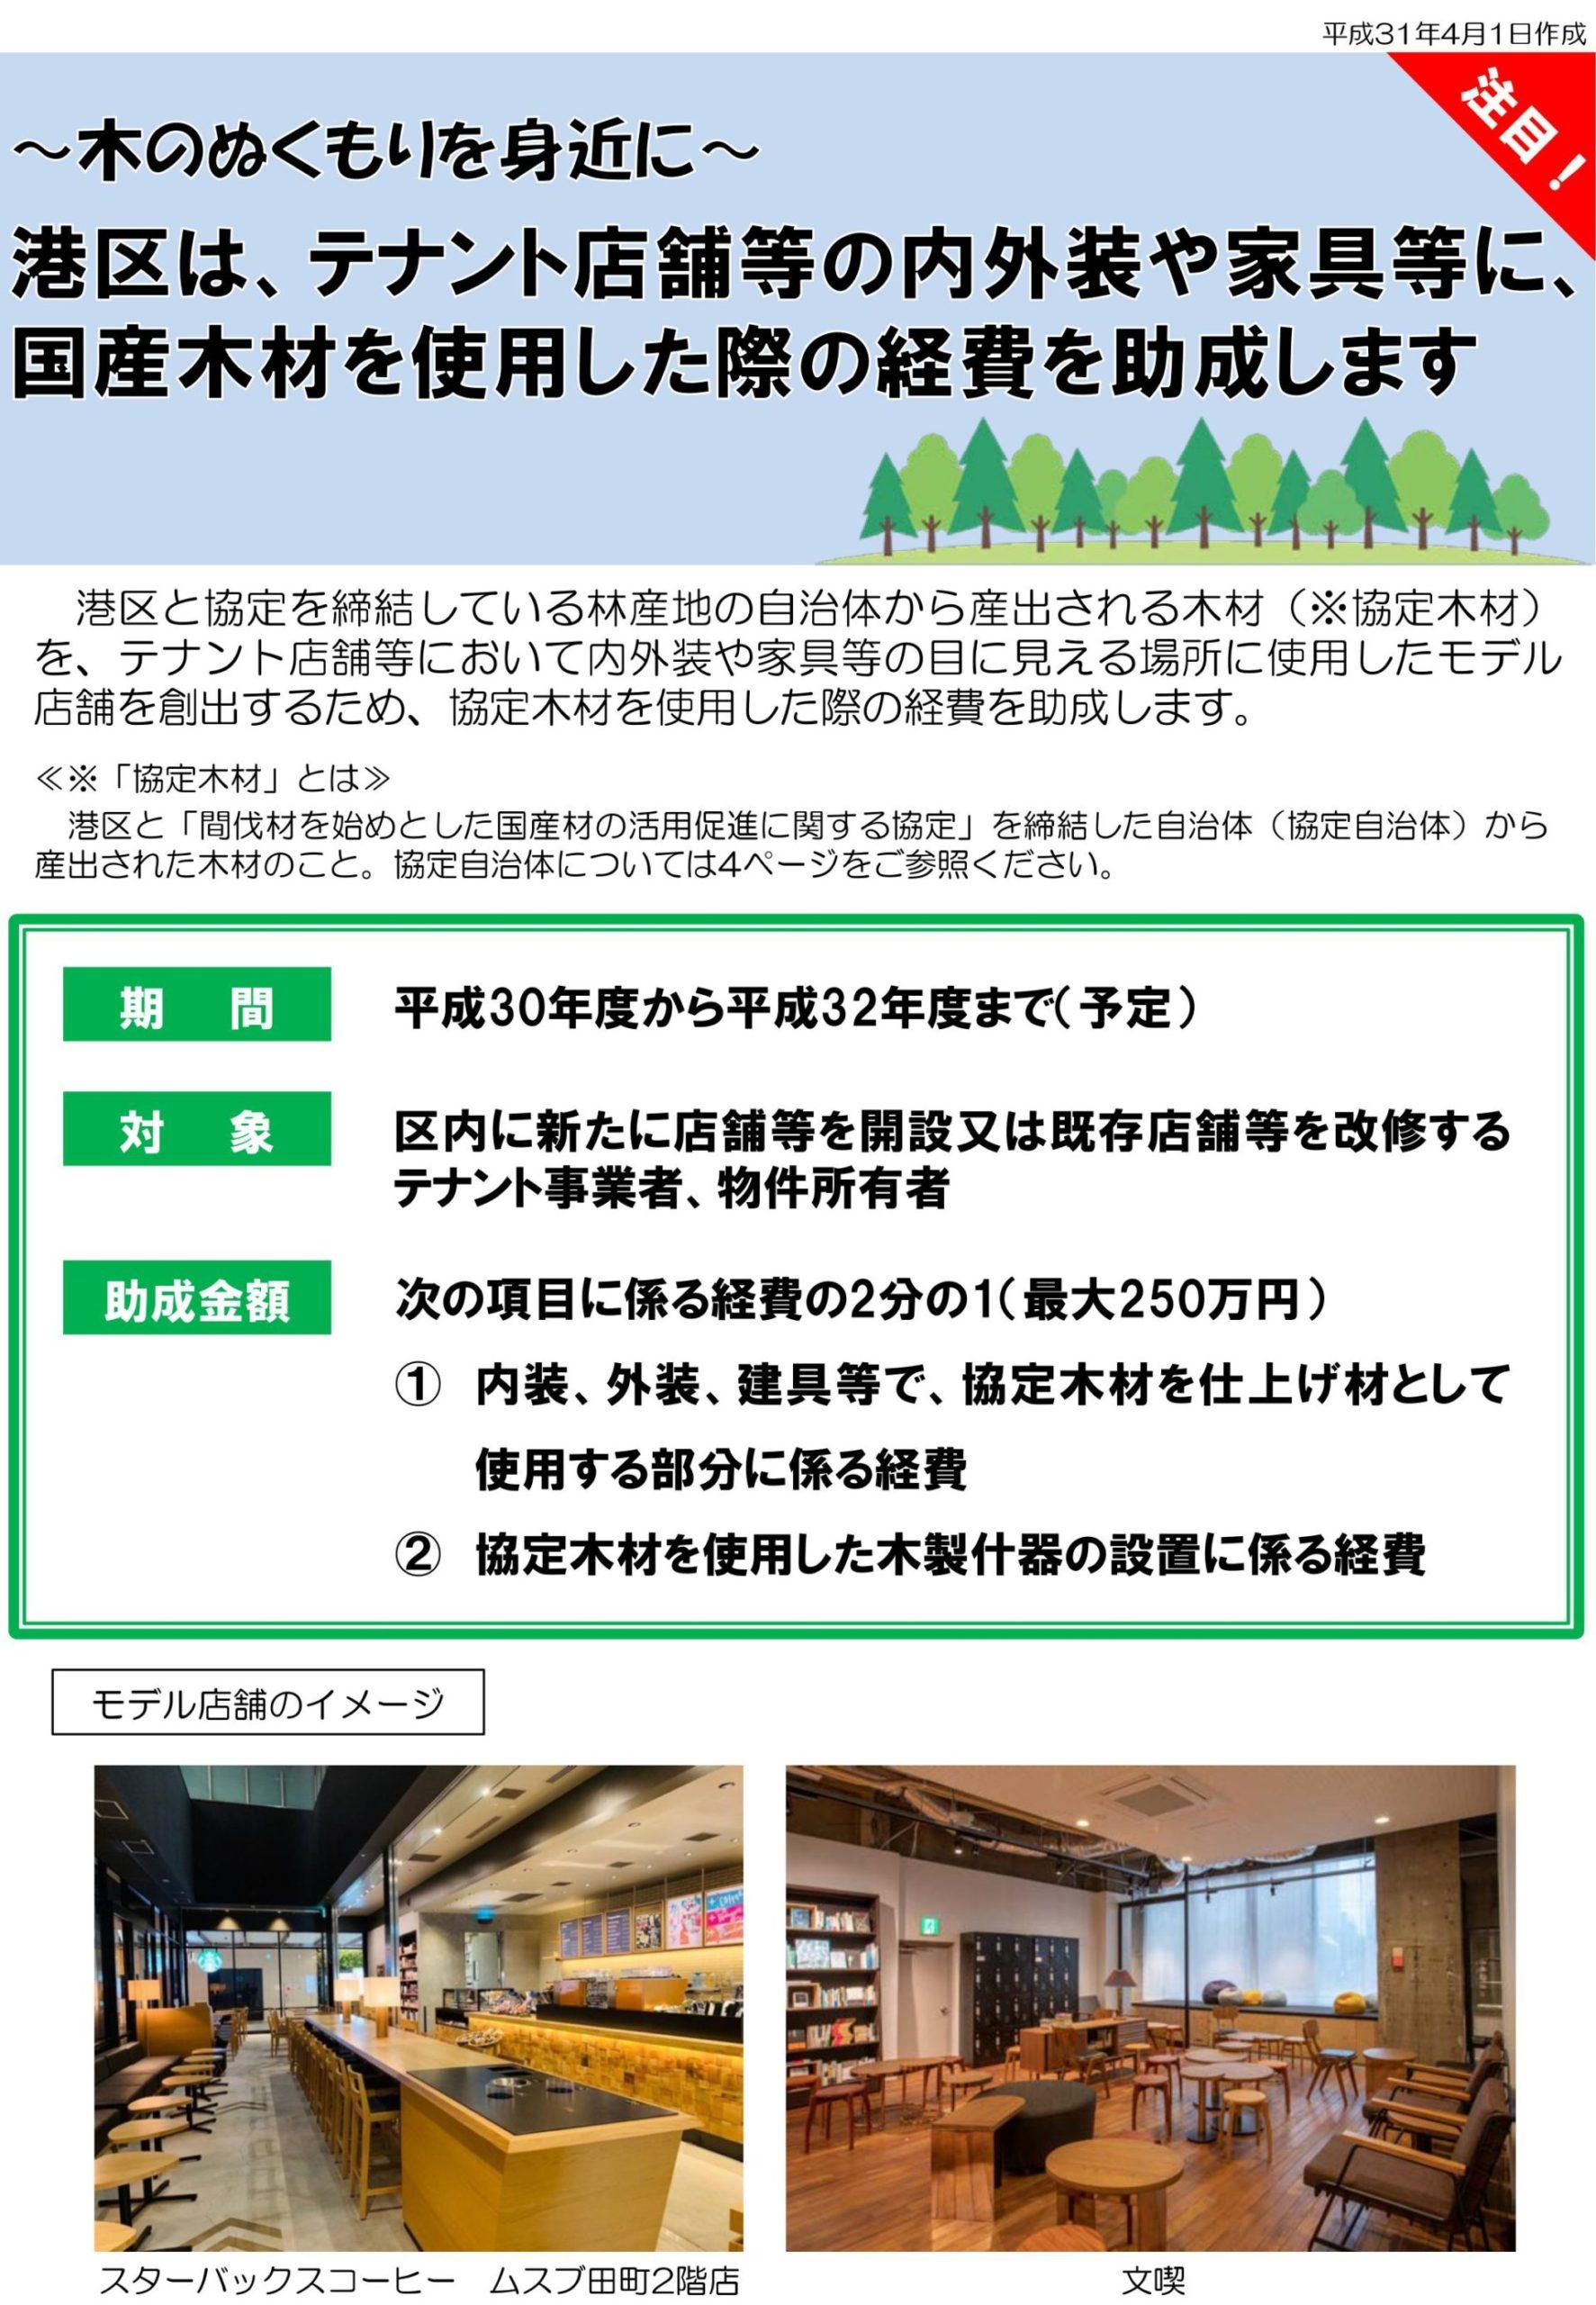 参考:「助成金にかかるチラシ(https://www.city.minato.tokyo.jp/chikyuondanka/documents/pamphlet.pdf)」